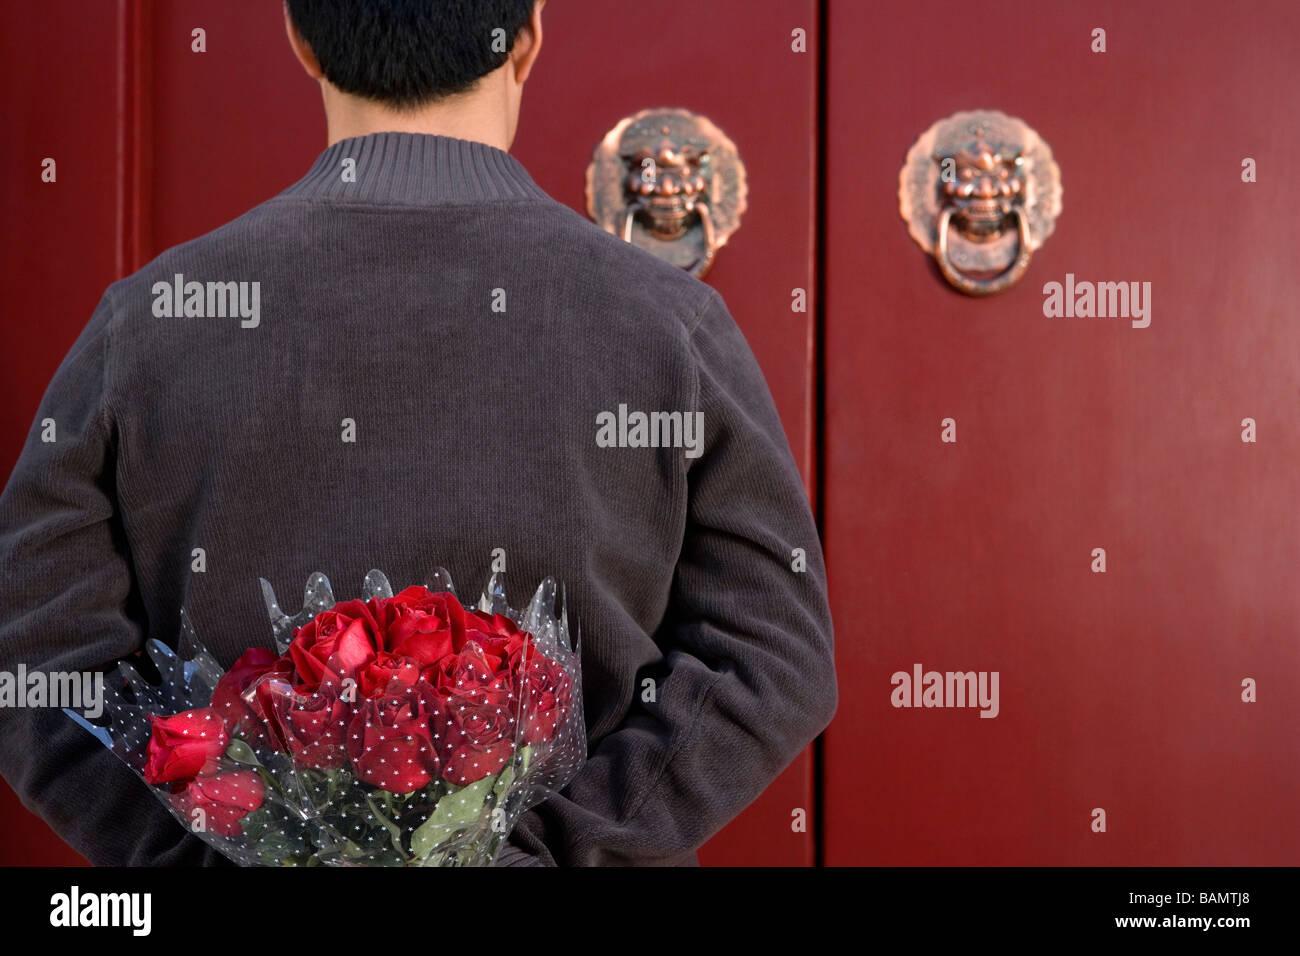 Jeune homme en attente à l'avant porte avec un bouquet de roses derrière son dos Banque D'Images